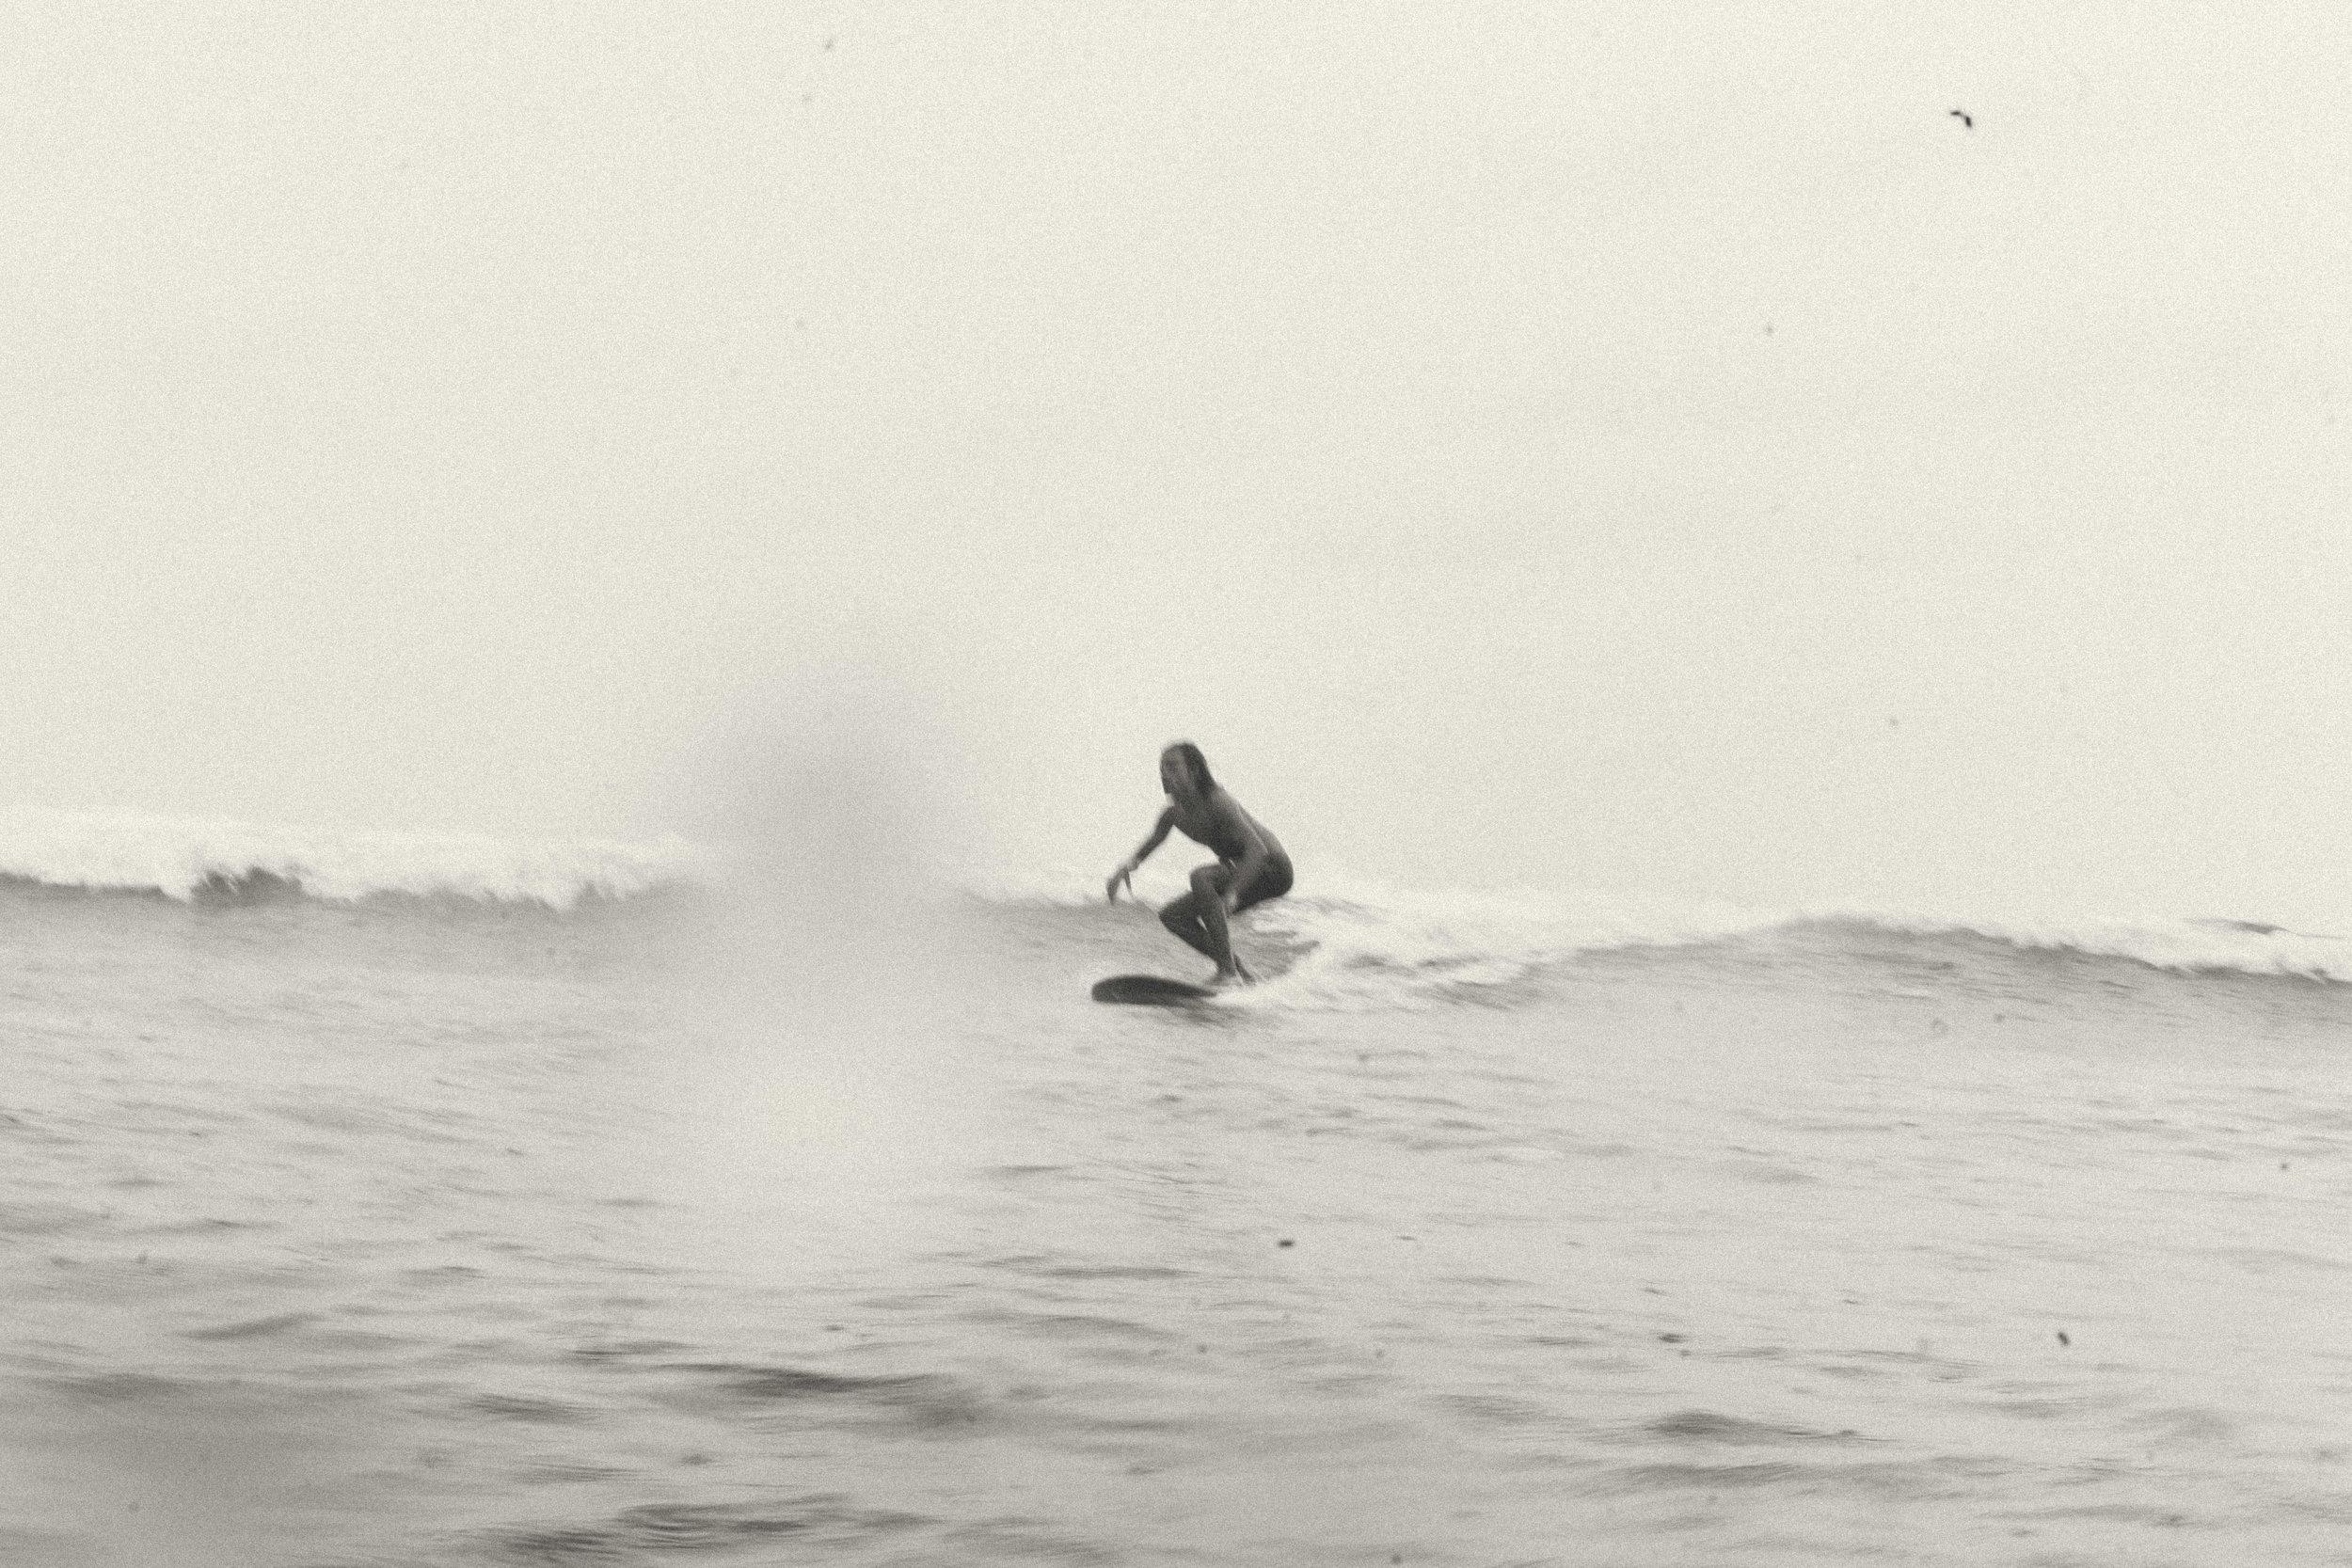 erik_winter_surf_surfing_4.jpg